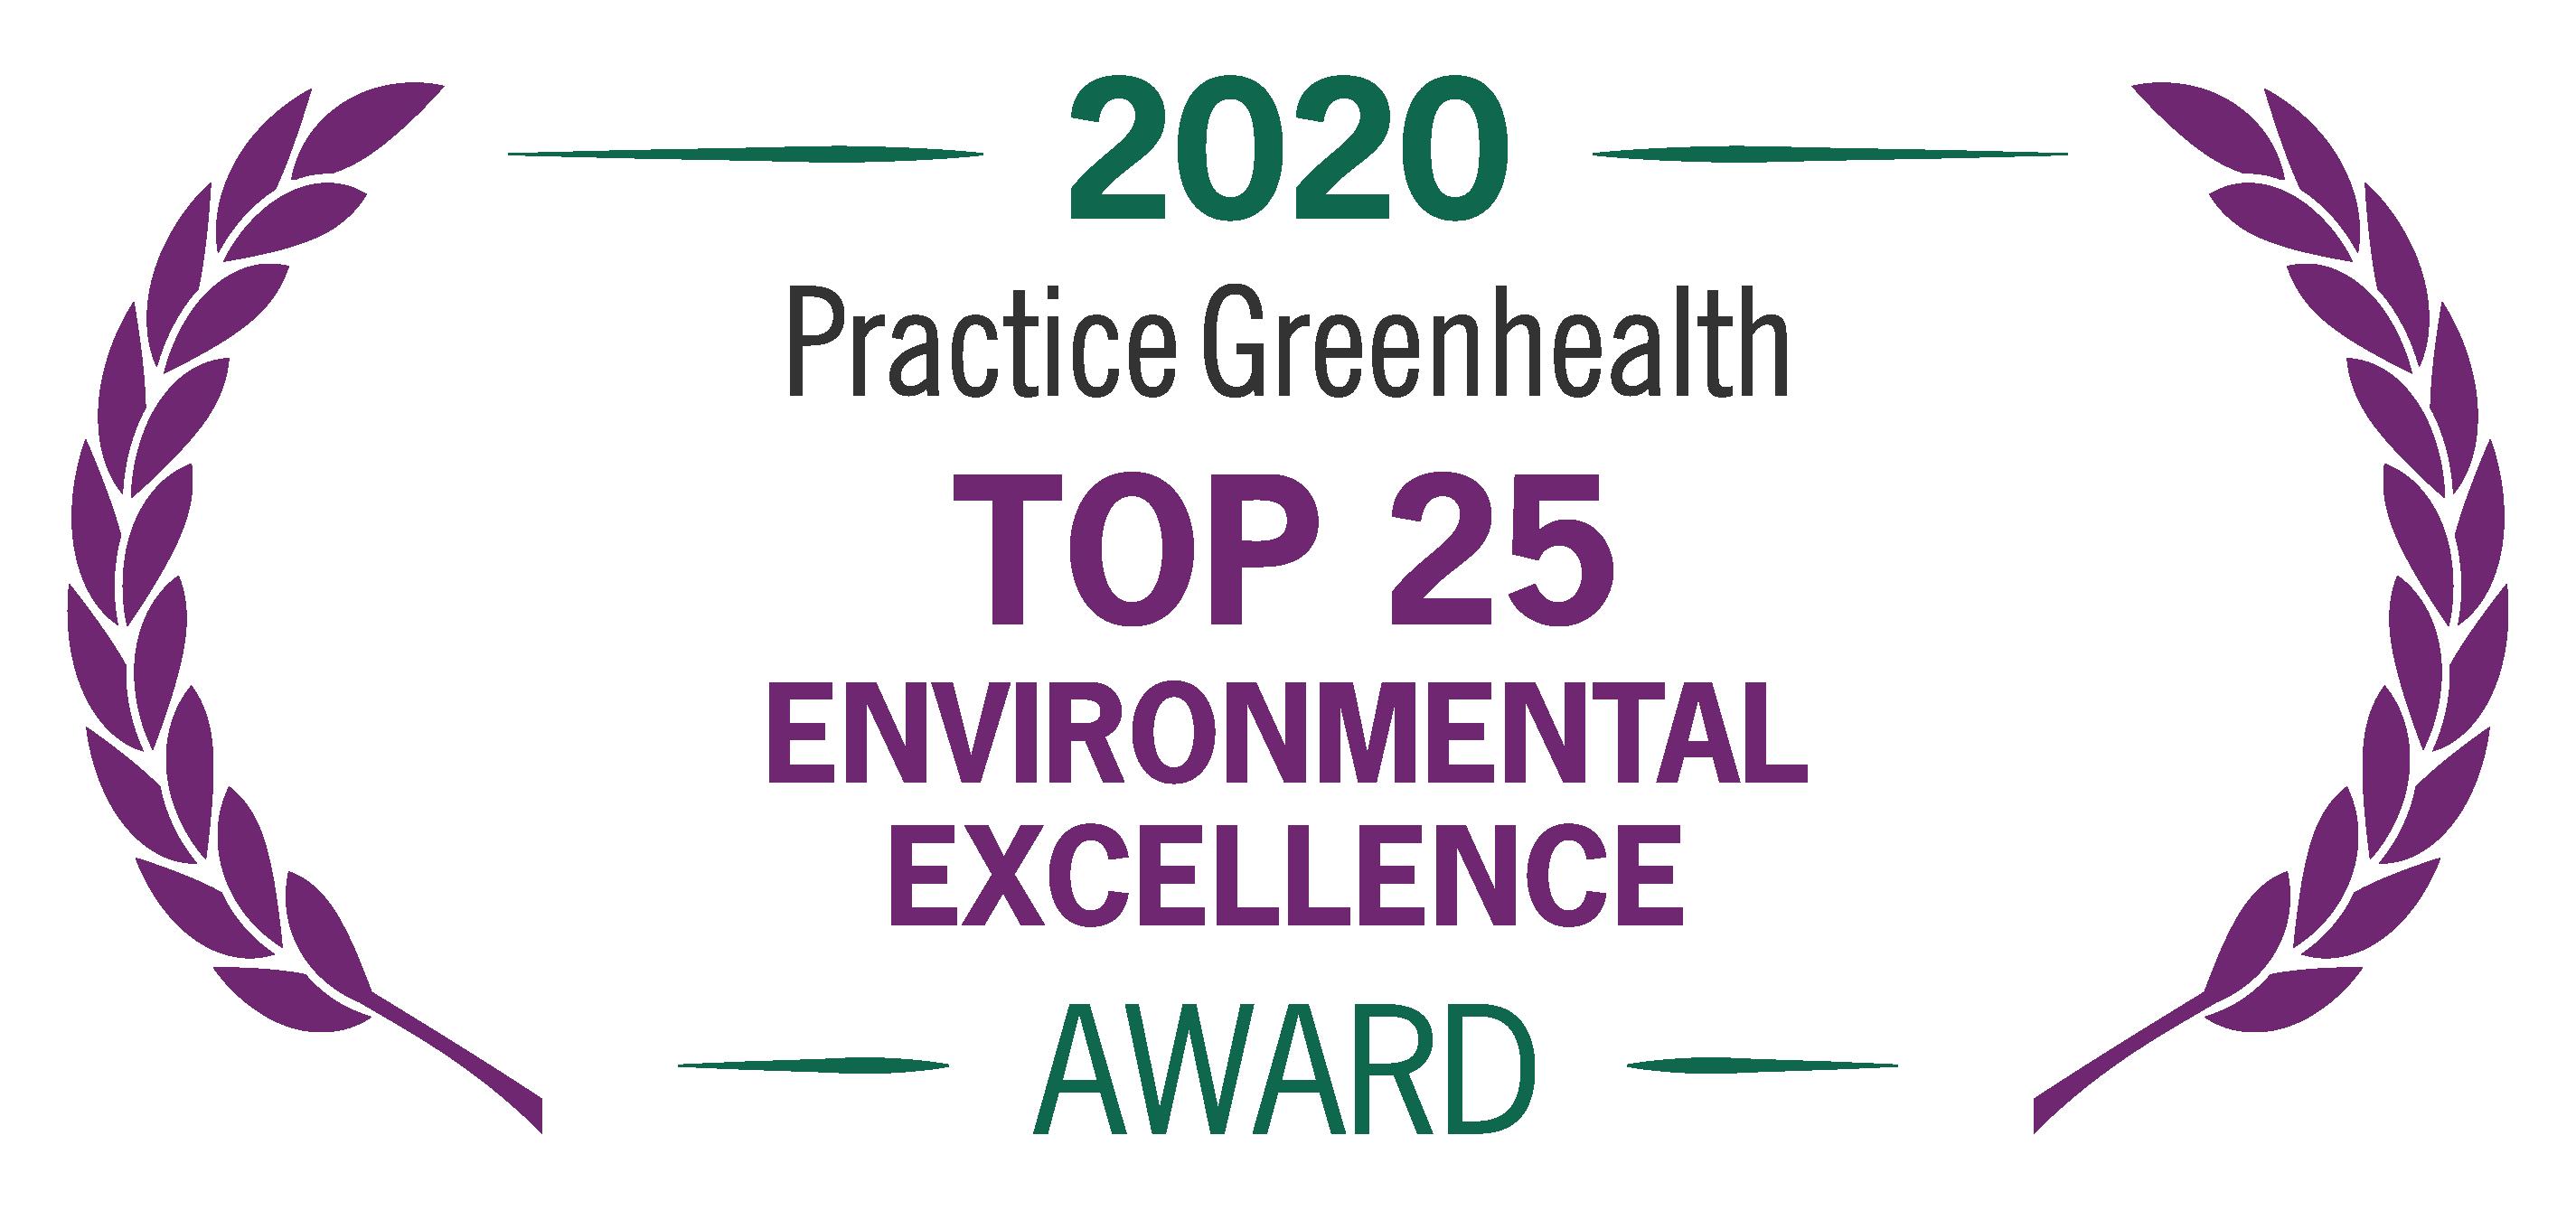 2020 Practice Greenhealth Environmental Excellence Award Logo